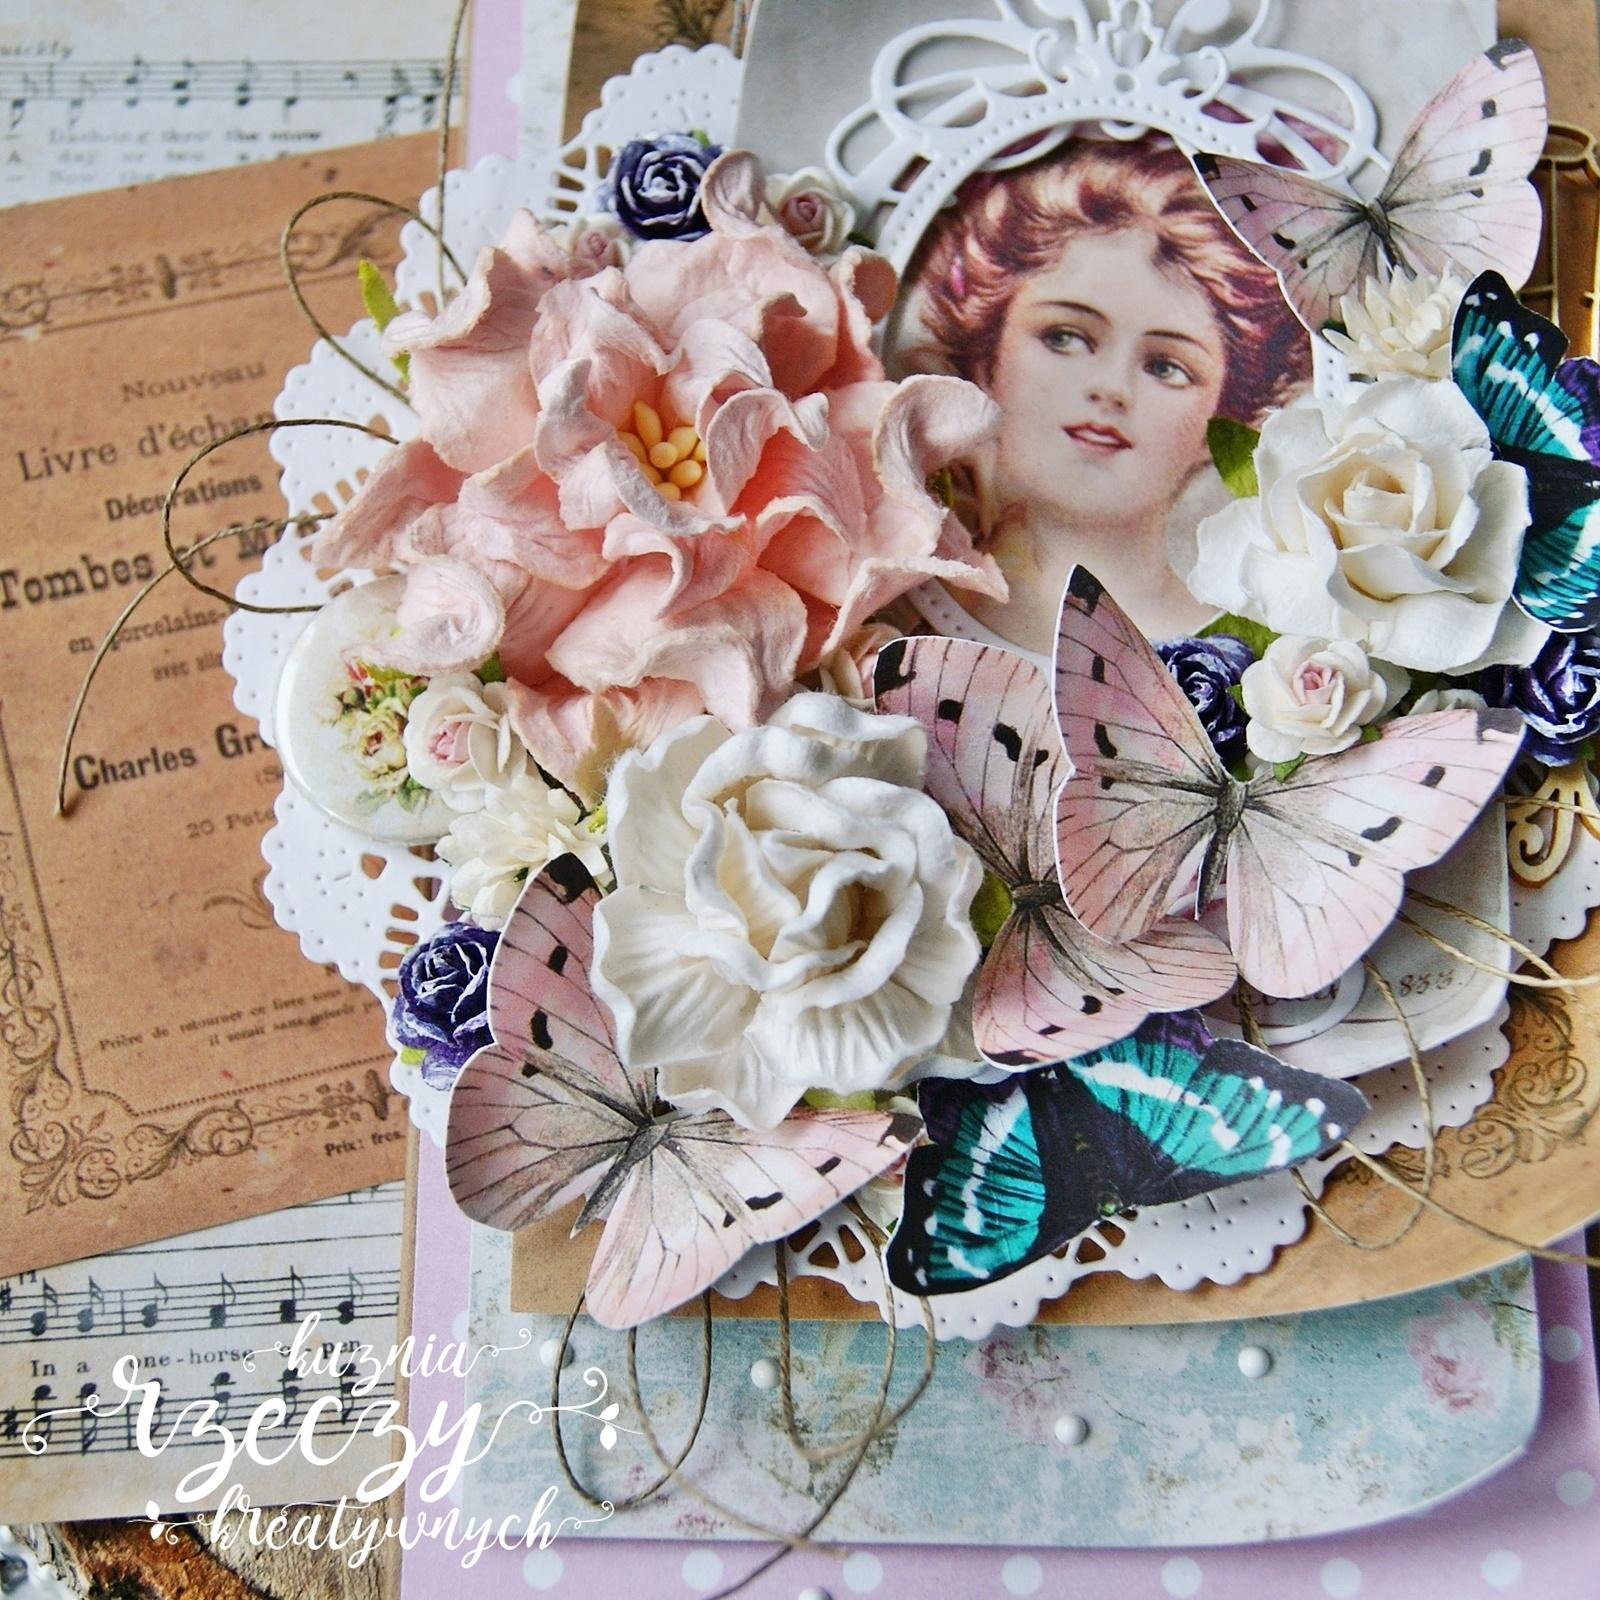 Piękne, wyjątkowe, ukwiecone warstwowe kartki w pastelowej kolorystyce.